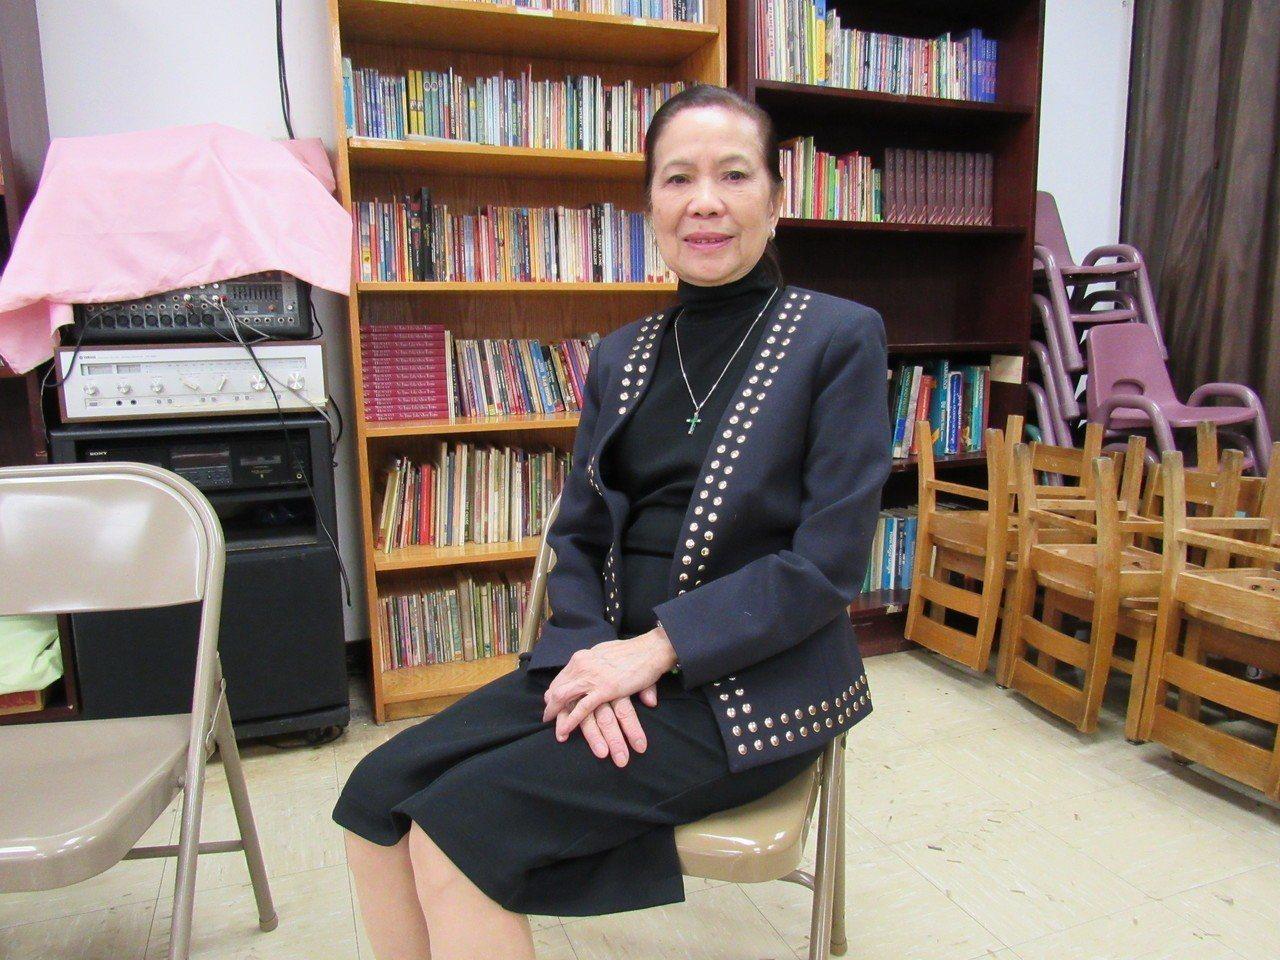 紐約華人社區知名女性社團人士何寶玉,多年來在曼哈頓華埠推動許多慈善事業,幫助有需...